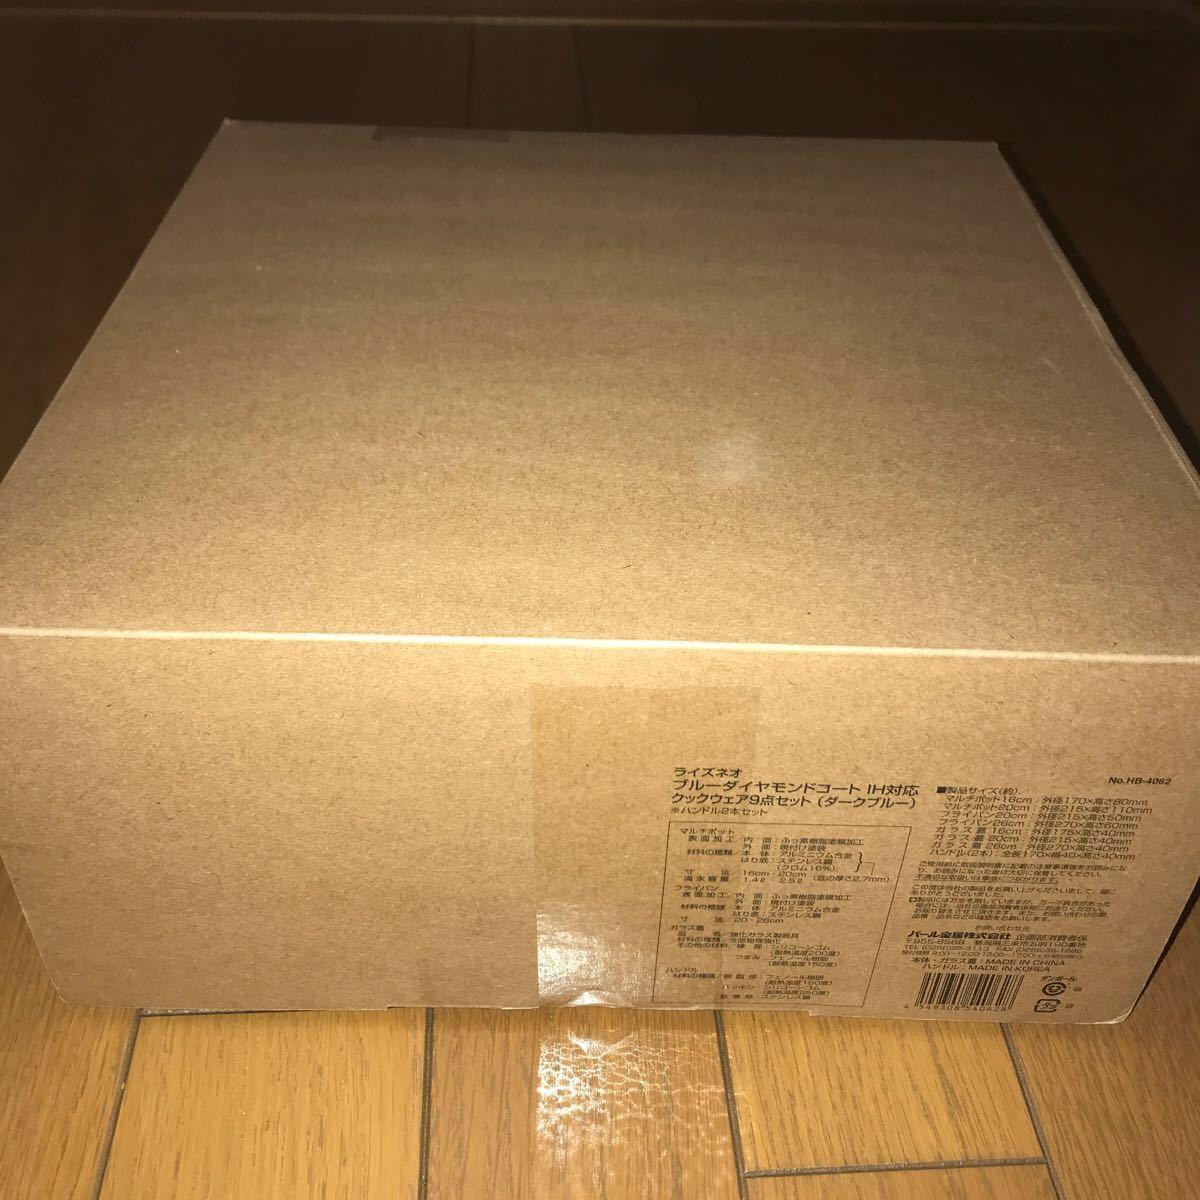 パール金属 フライパン 鍋 9点 セット IH対応 ダークブルー ダイヤモンドコート 取っ手の取れる セット9 HB-4062